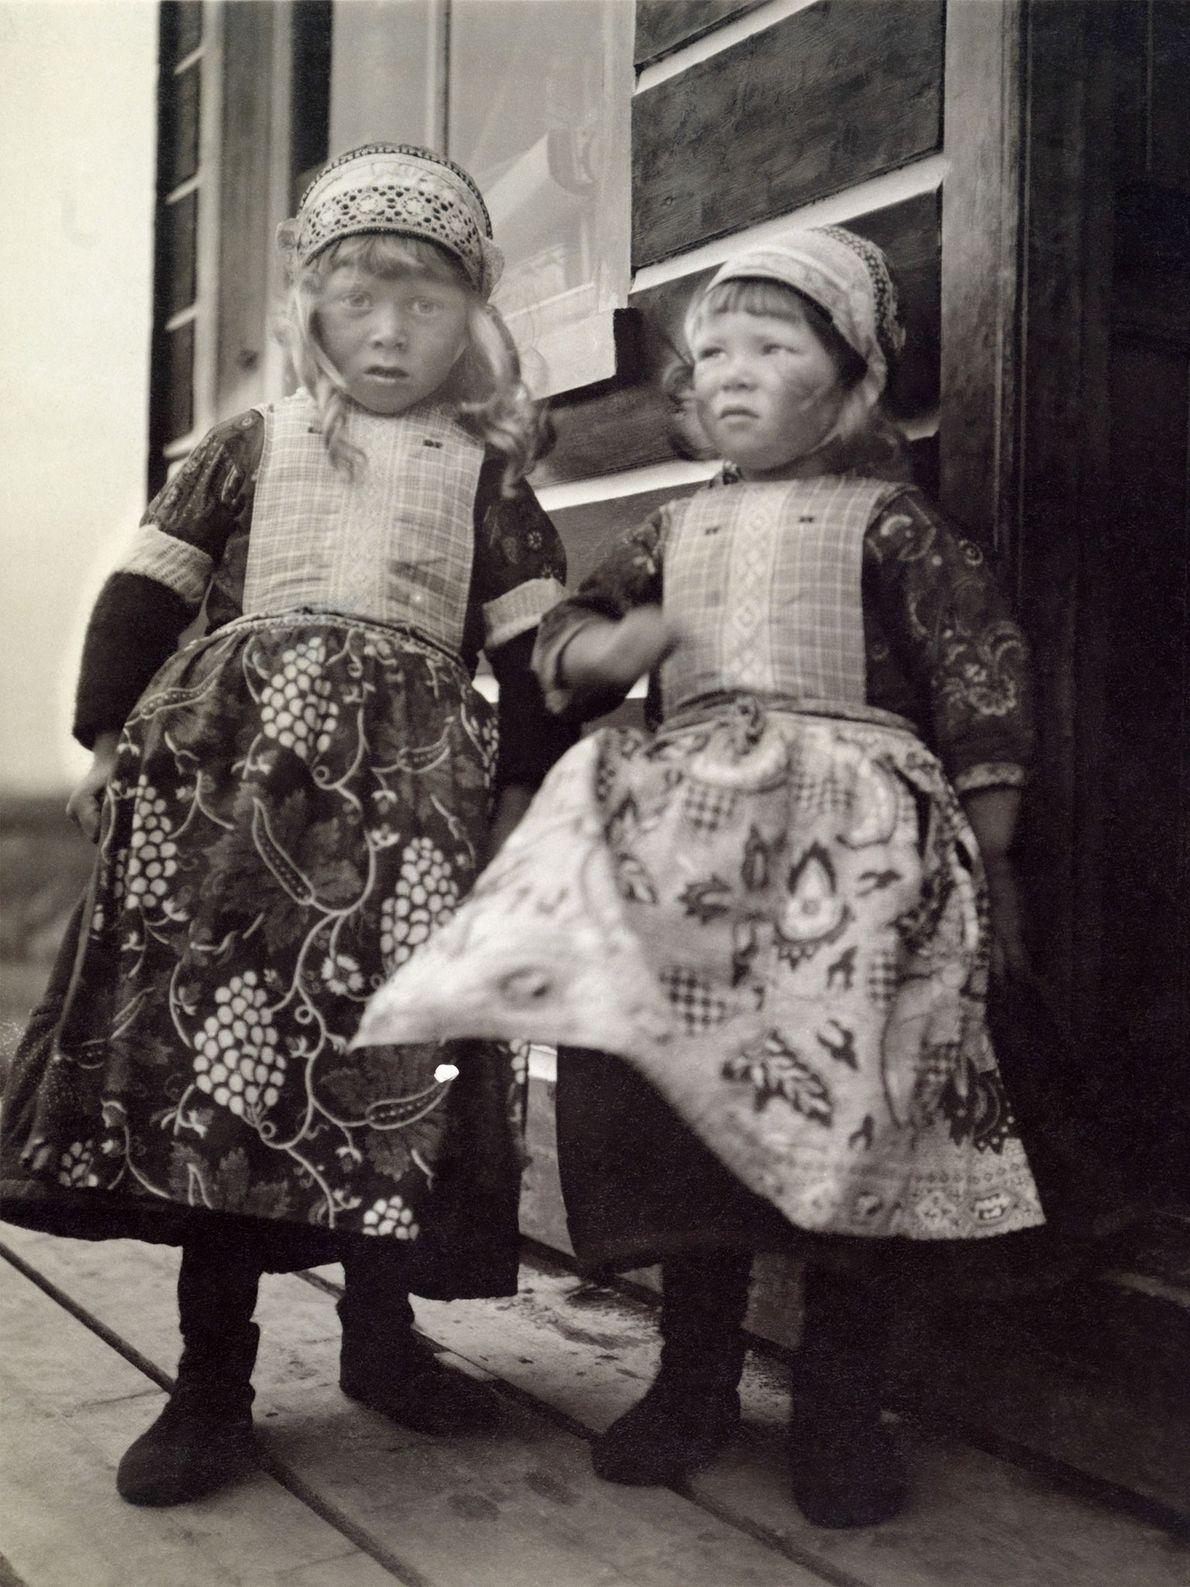 Zwei junge Mädchen in traditioneller Tracht der Niederlande auf der Insel Marken, die zur Provinz Nordholland ...